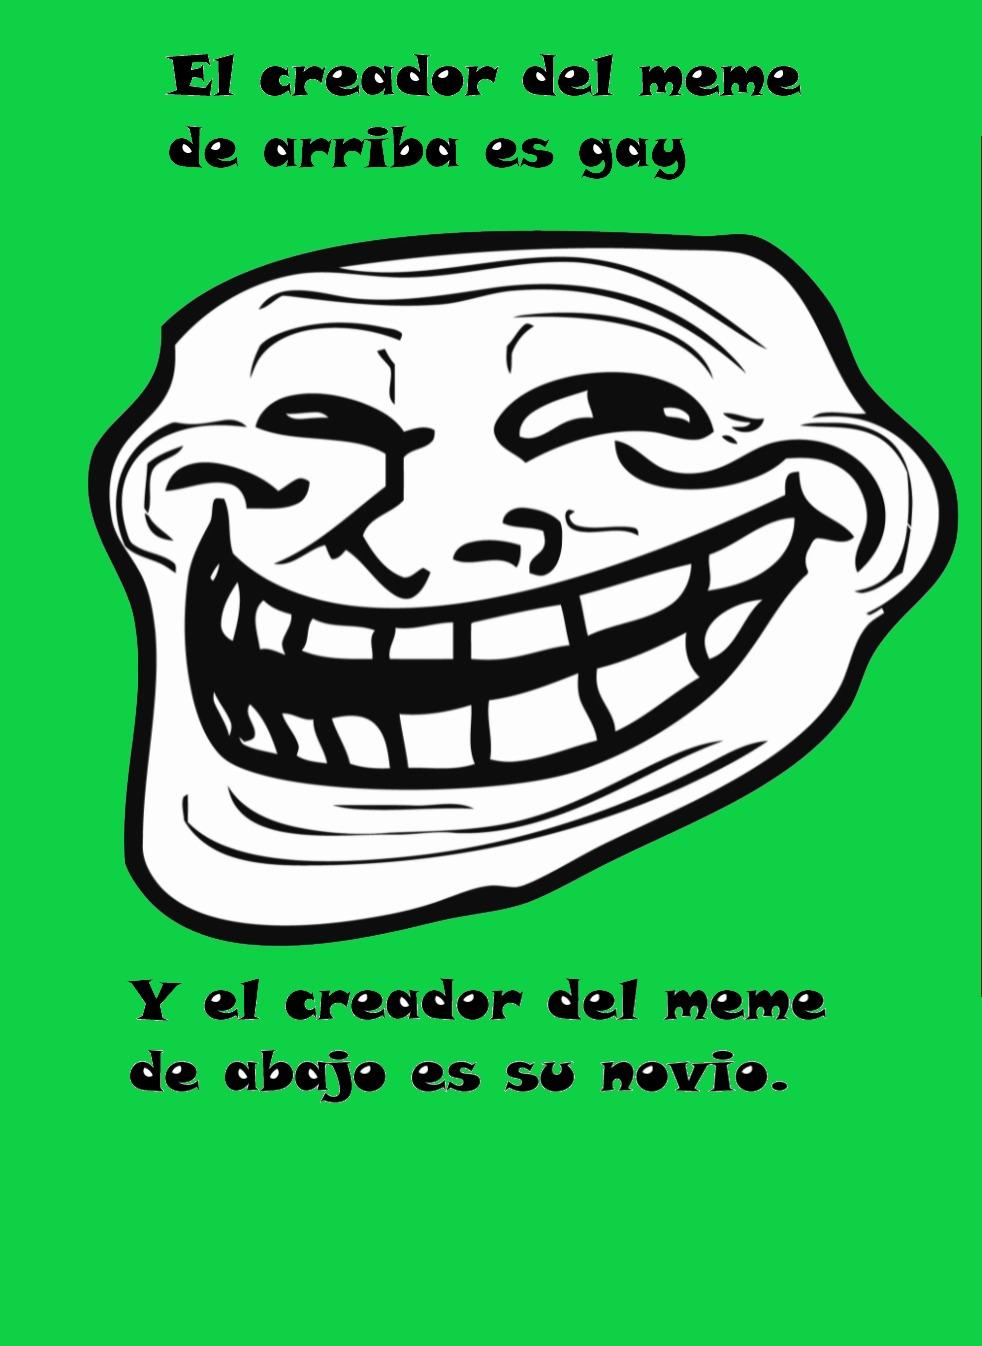 Mi primer meme chicos osi osi uwu owo :V hail grasa good momo papu xddddd :v